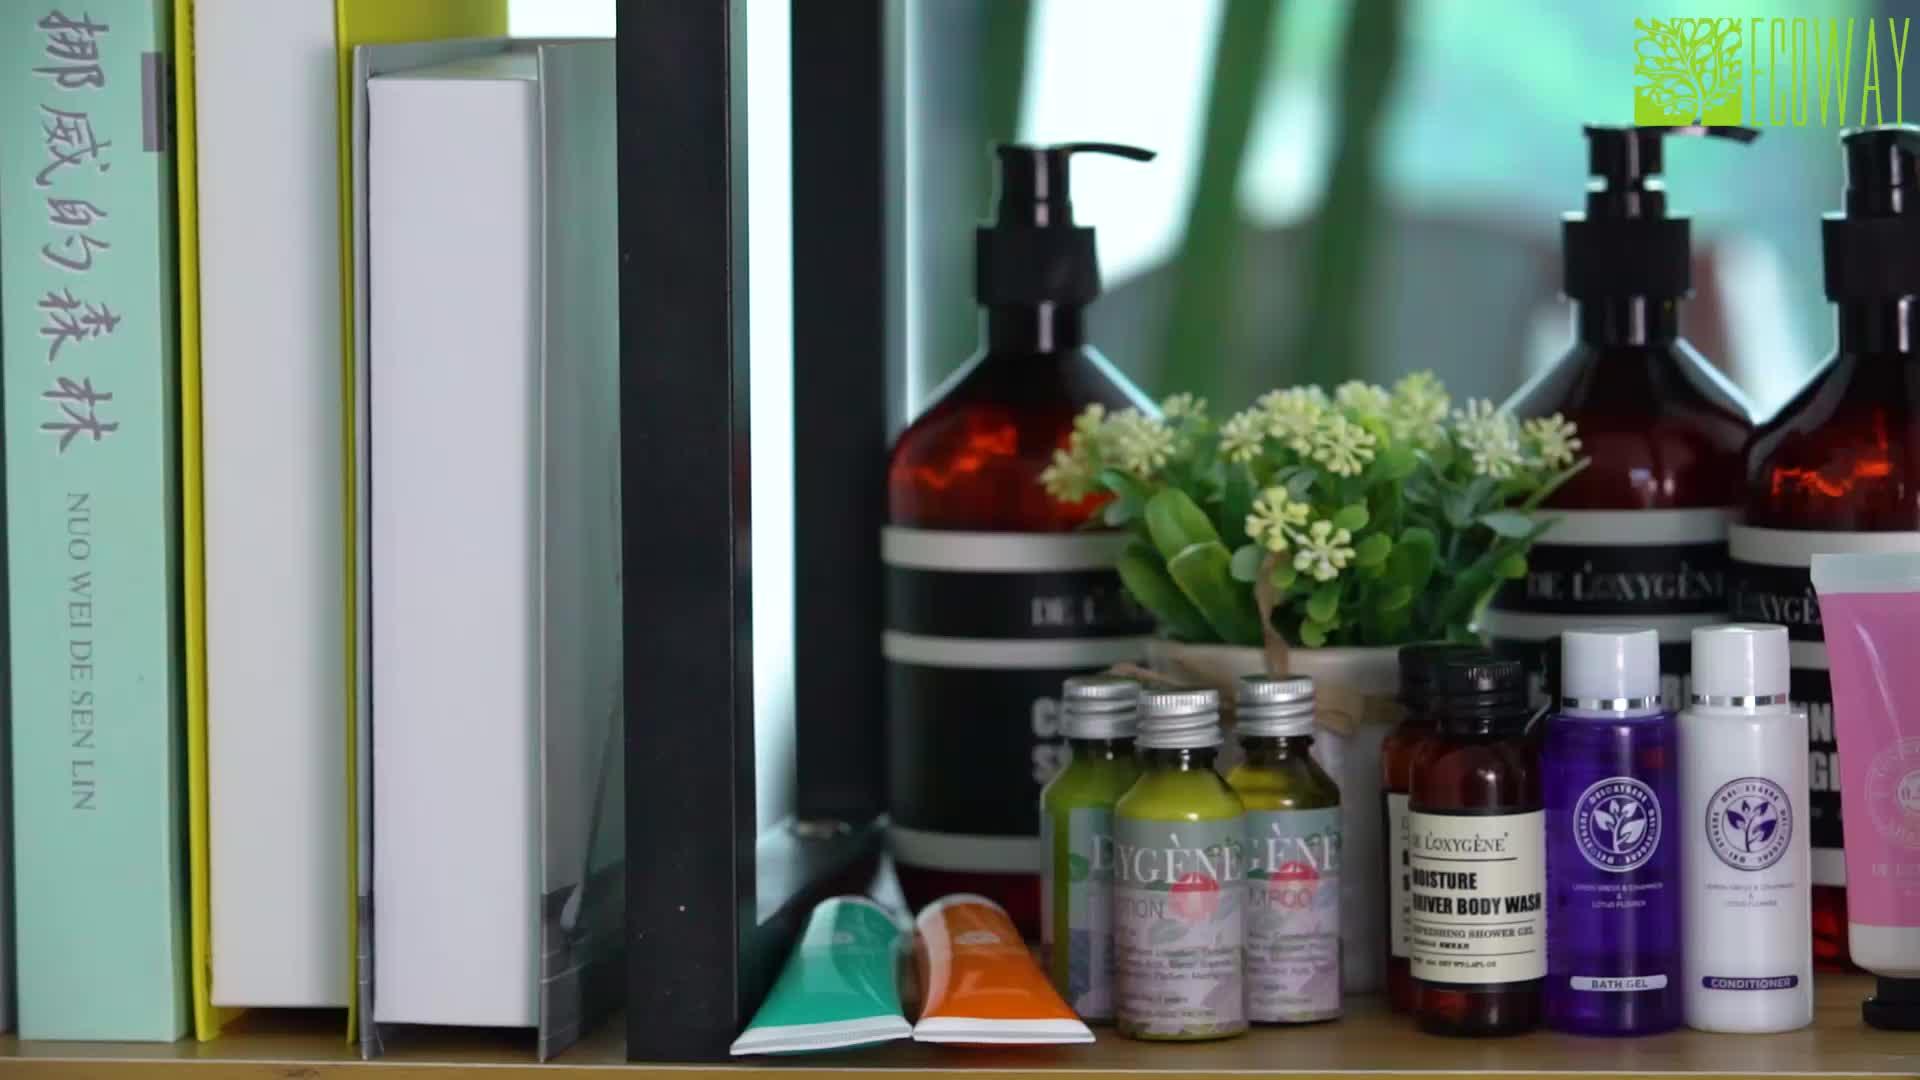 Fabrika Doğrudan Satış Modern Tasarım Plastik Şişe Kuru şampuan